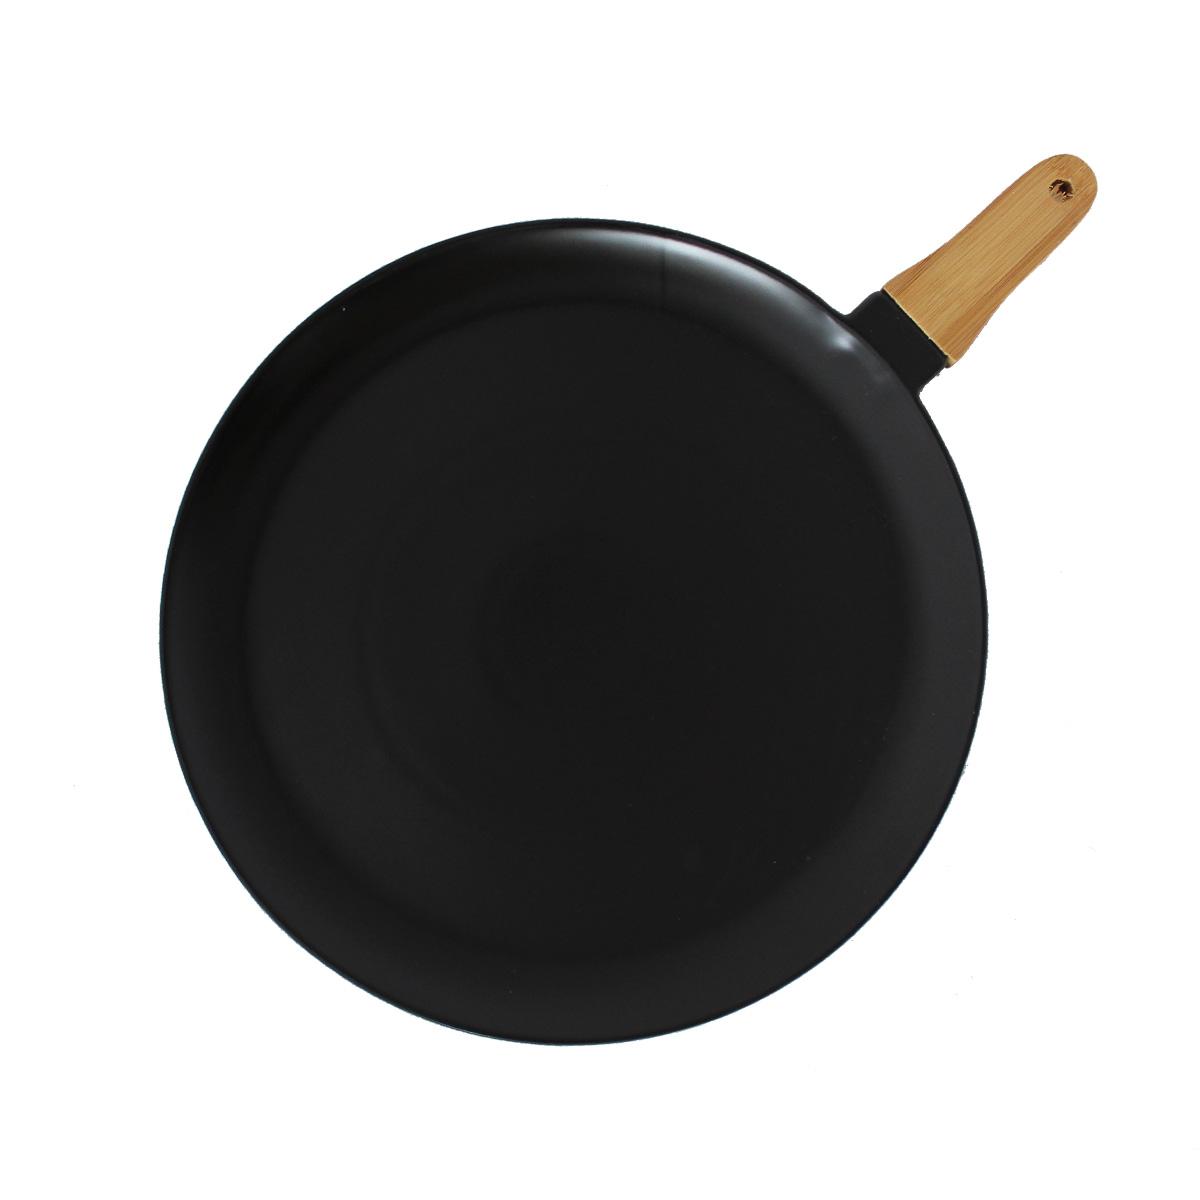 Keramički tanjir na drvenoj dasci  L MUS-058